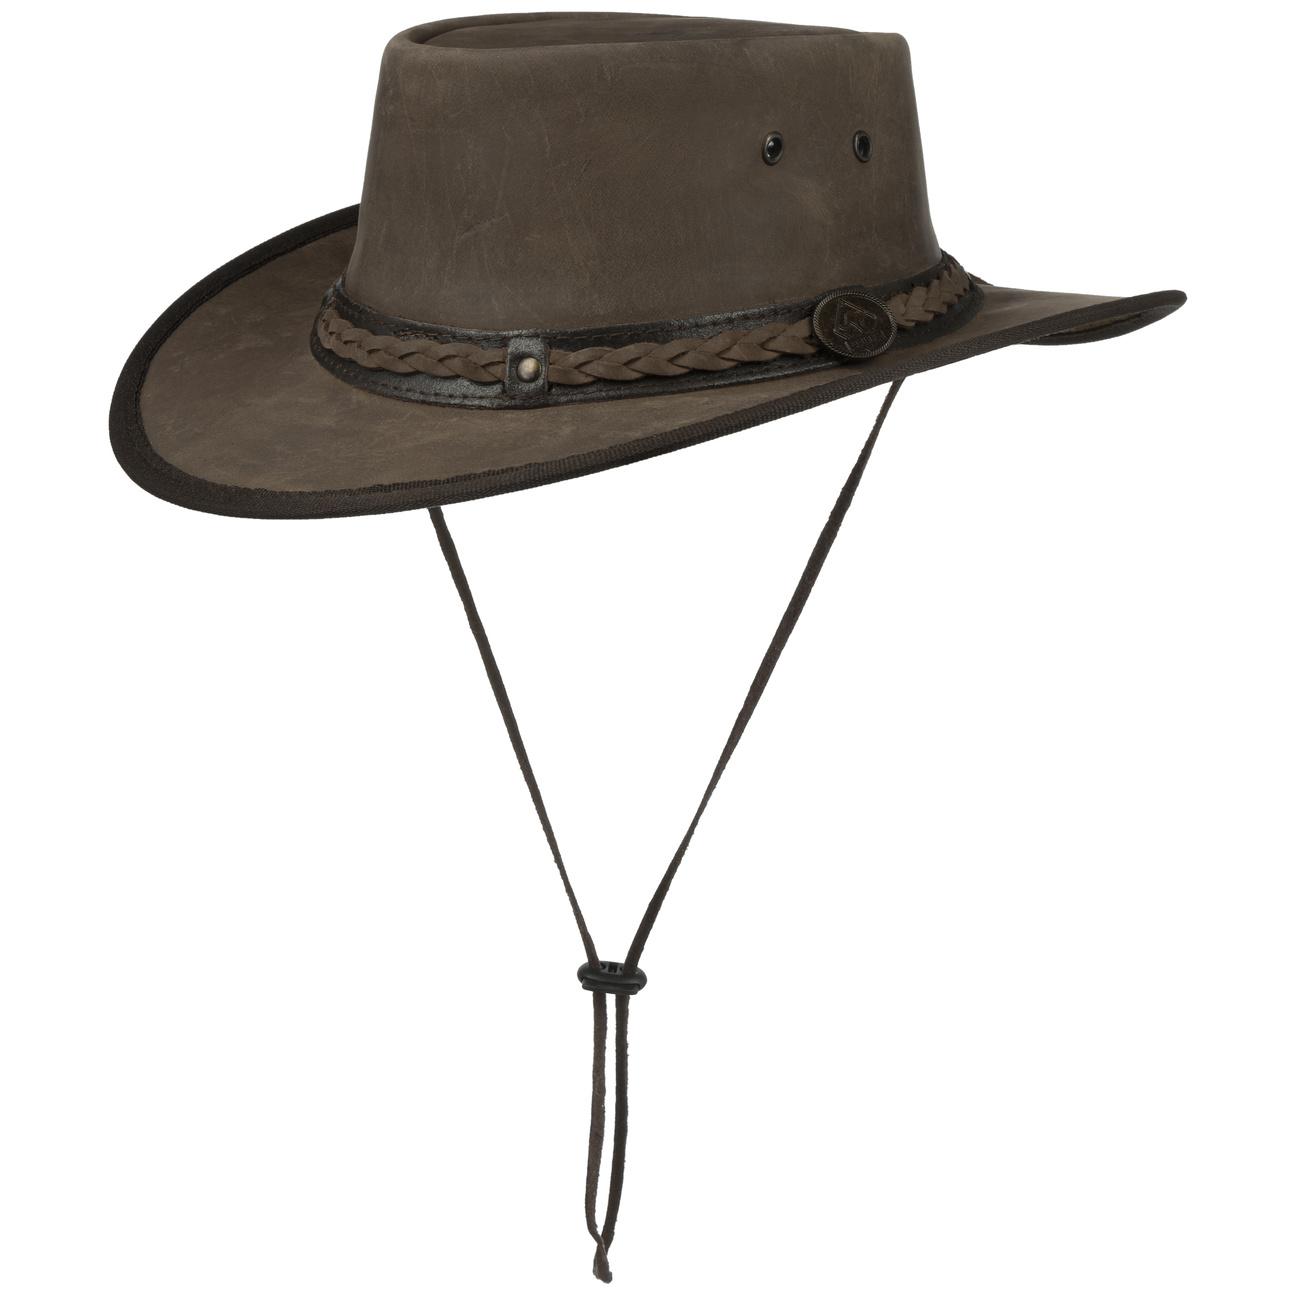 Sombrero de Piel Henbury by Scippis  sombrero de pescador